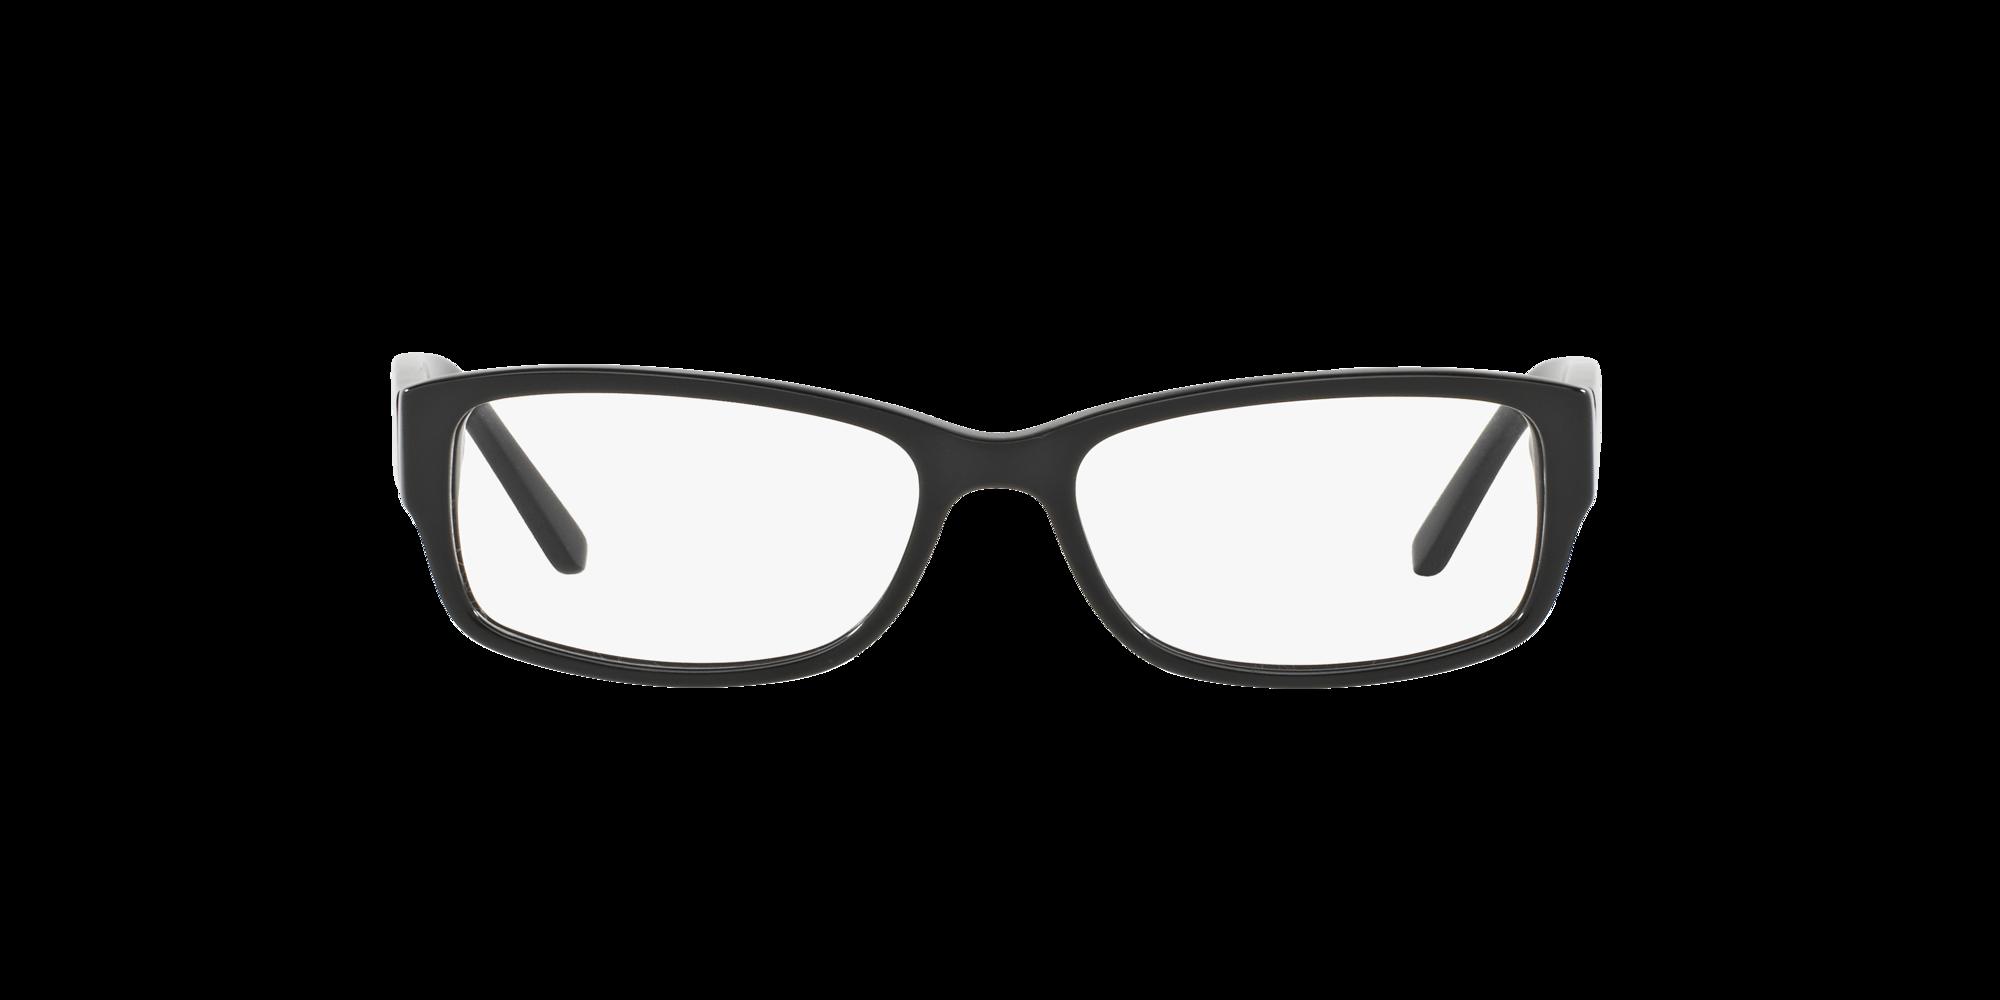 Imagen para SF1561 de LensCrafters |  Espejuelos, espejuelos graduados en línea, gafas